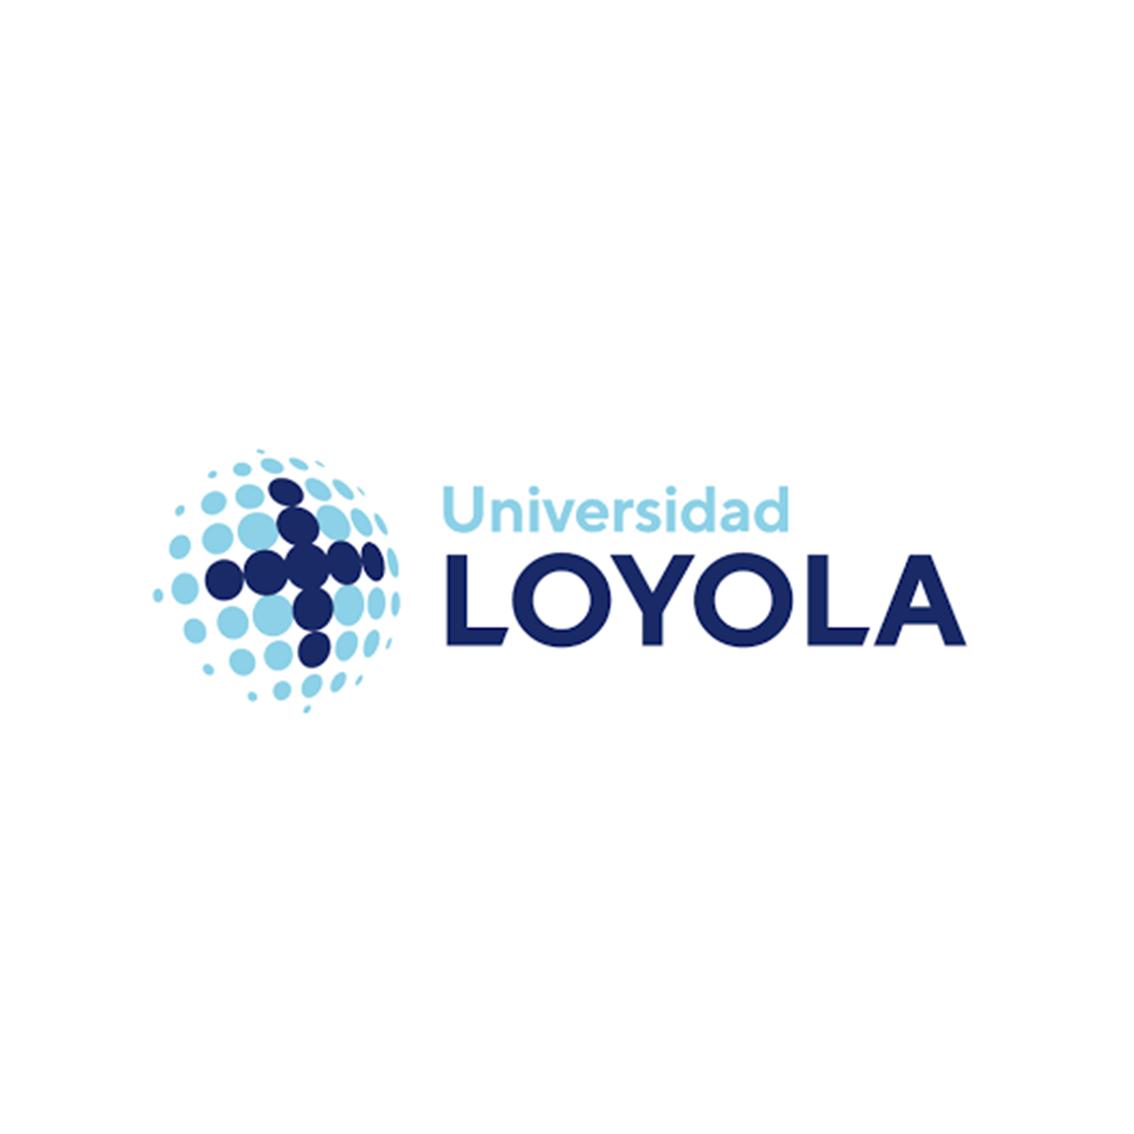 Universidad Loyola de Andalucía